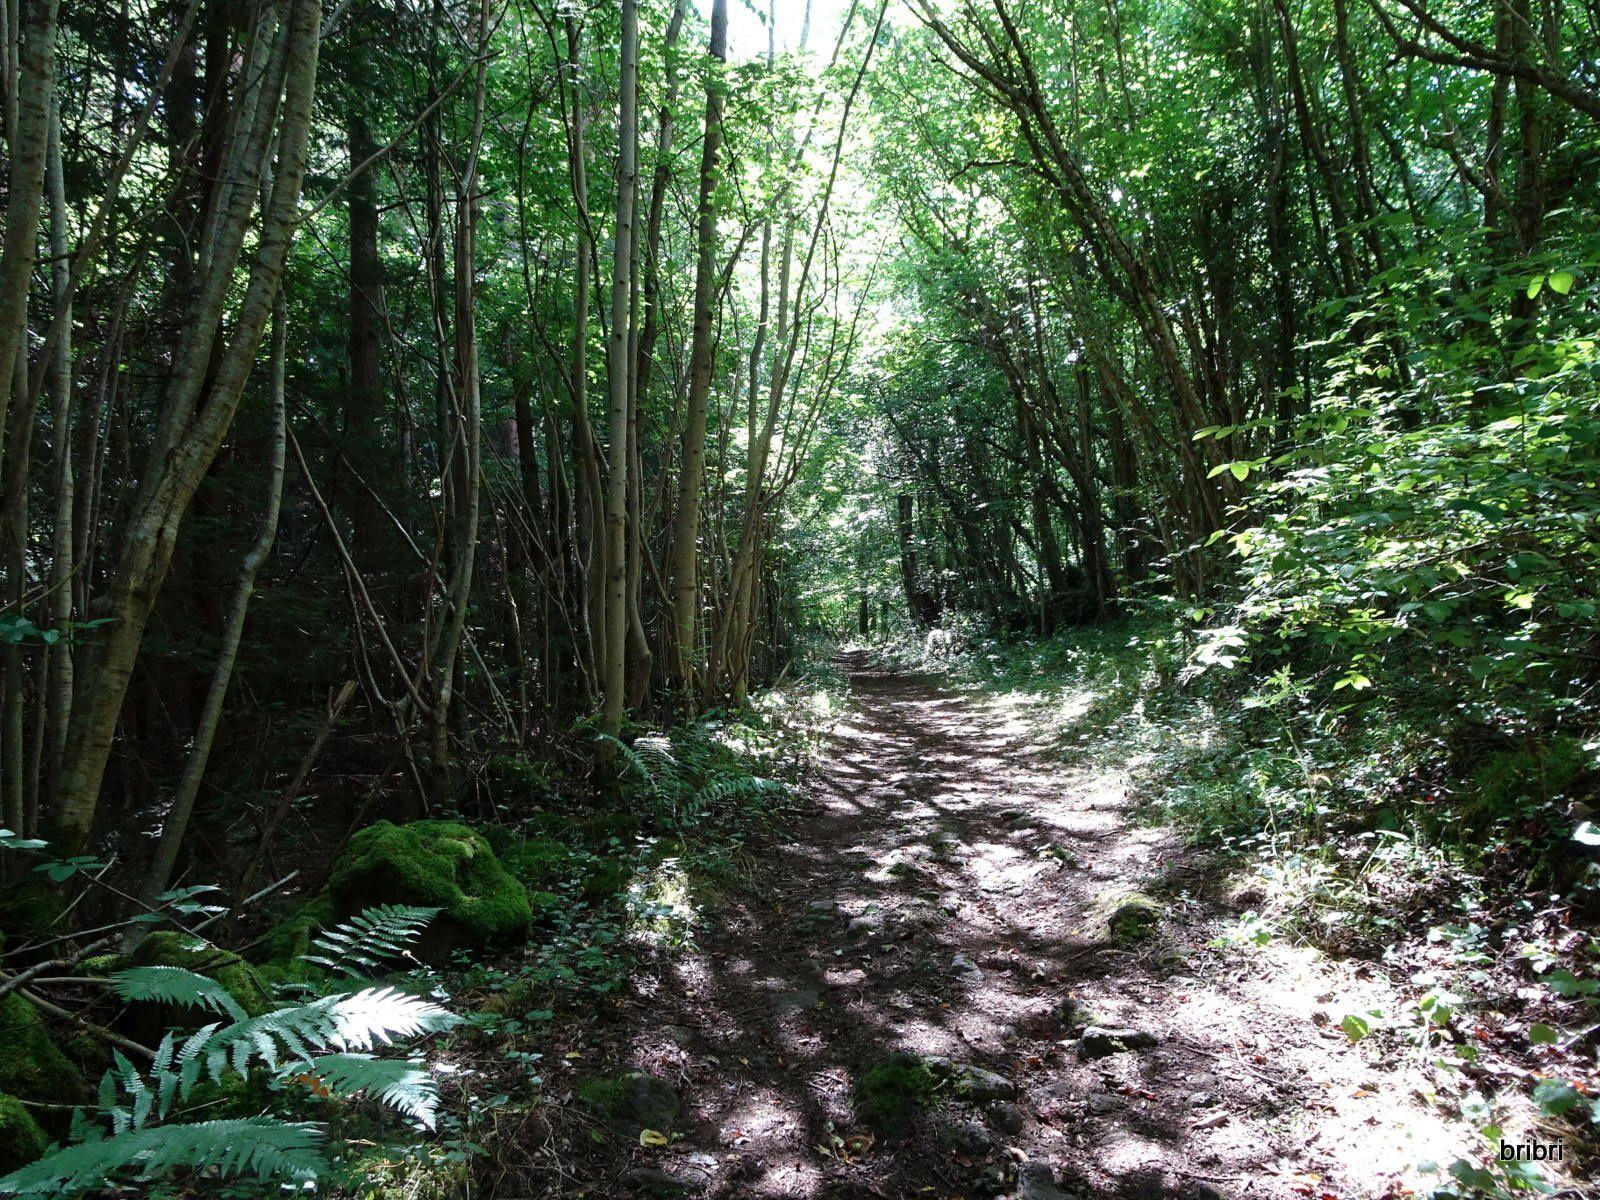 Toujours ce petit sentier agréable avec un mur de pierres sèches.